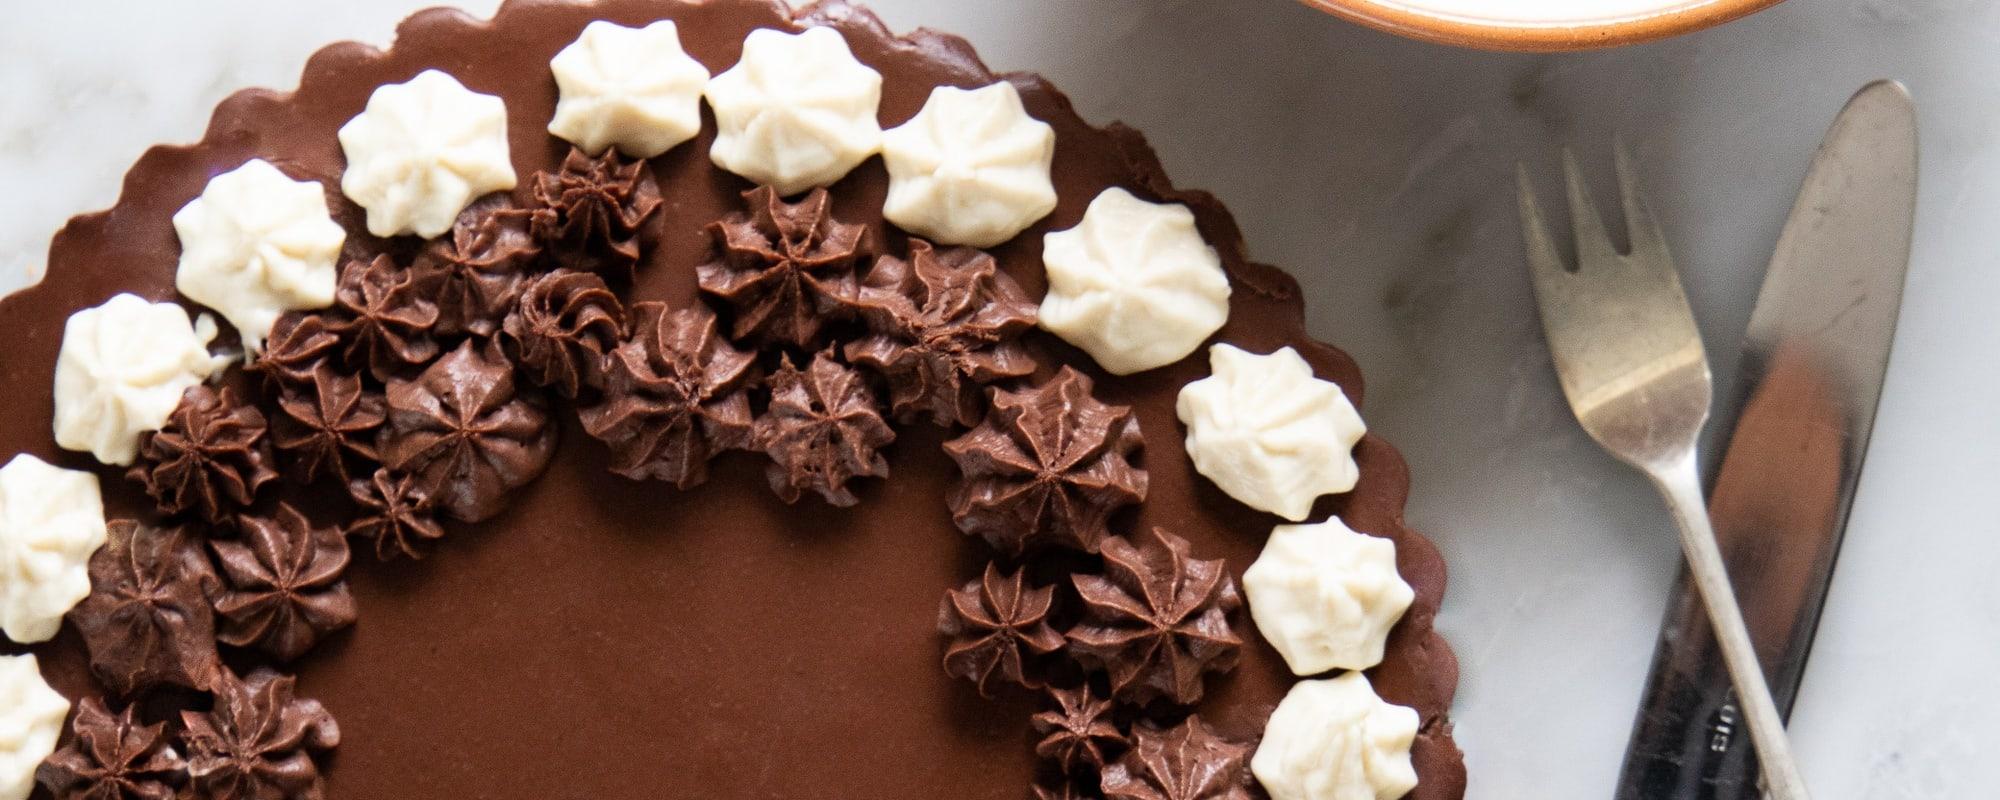 Vegansk chokolademoussekage